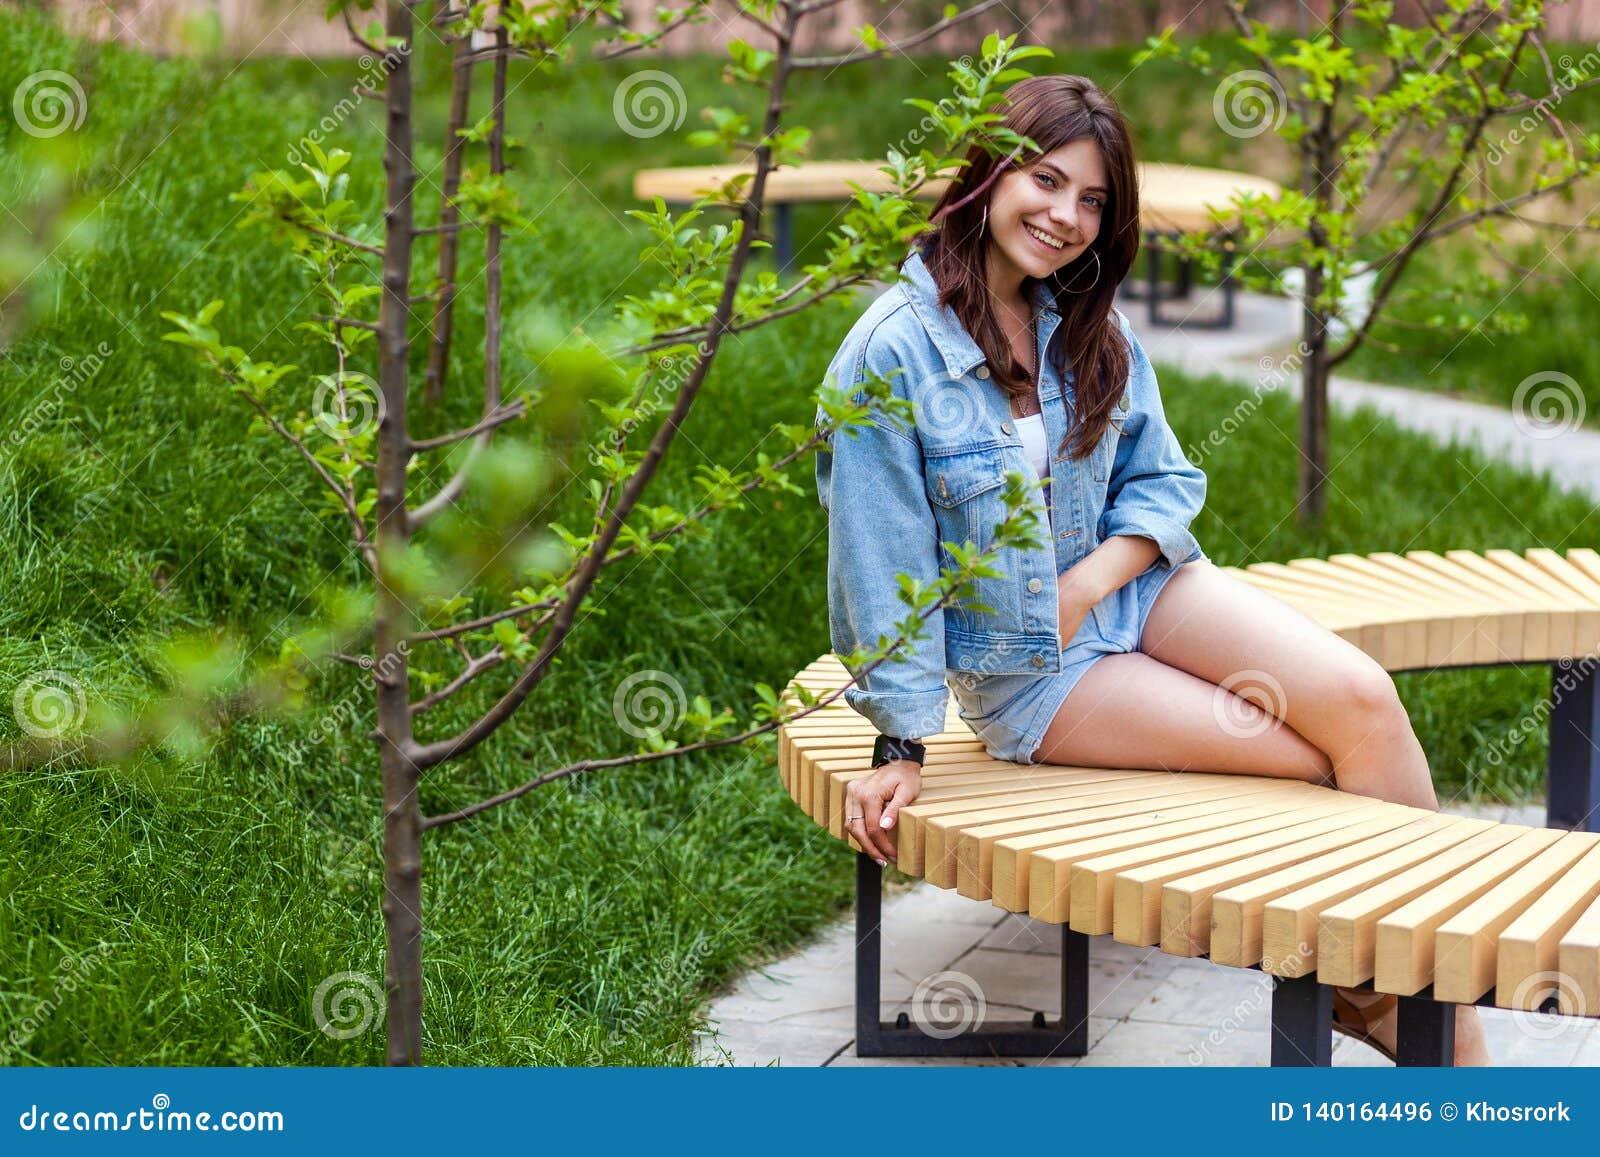 Портрет красивой молодой женщины брюнета в голубом случайном стиле джинсовой ткани сидя и смотря камера с зубастой улыбкой